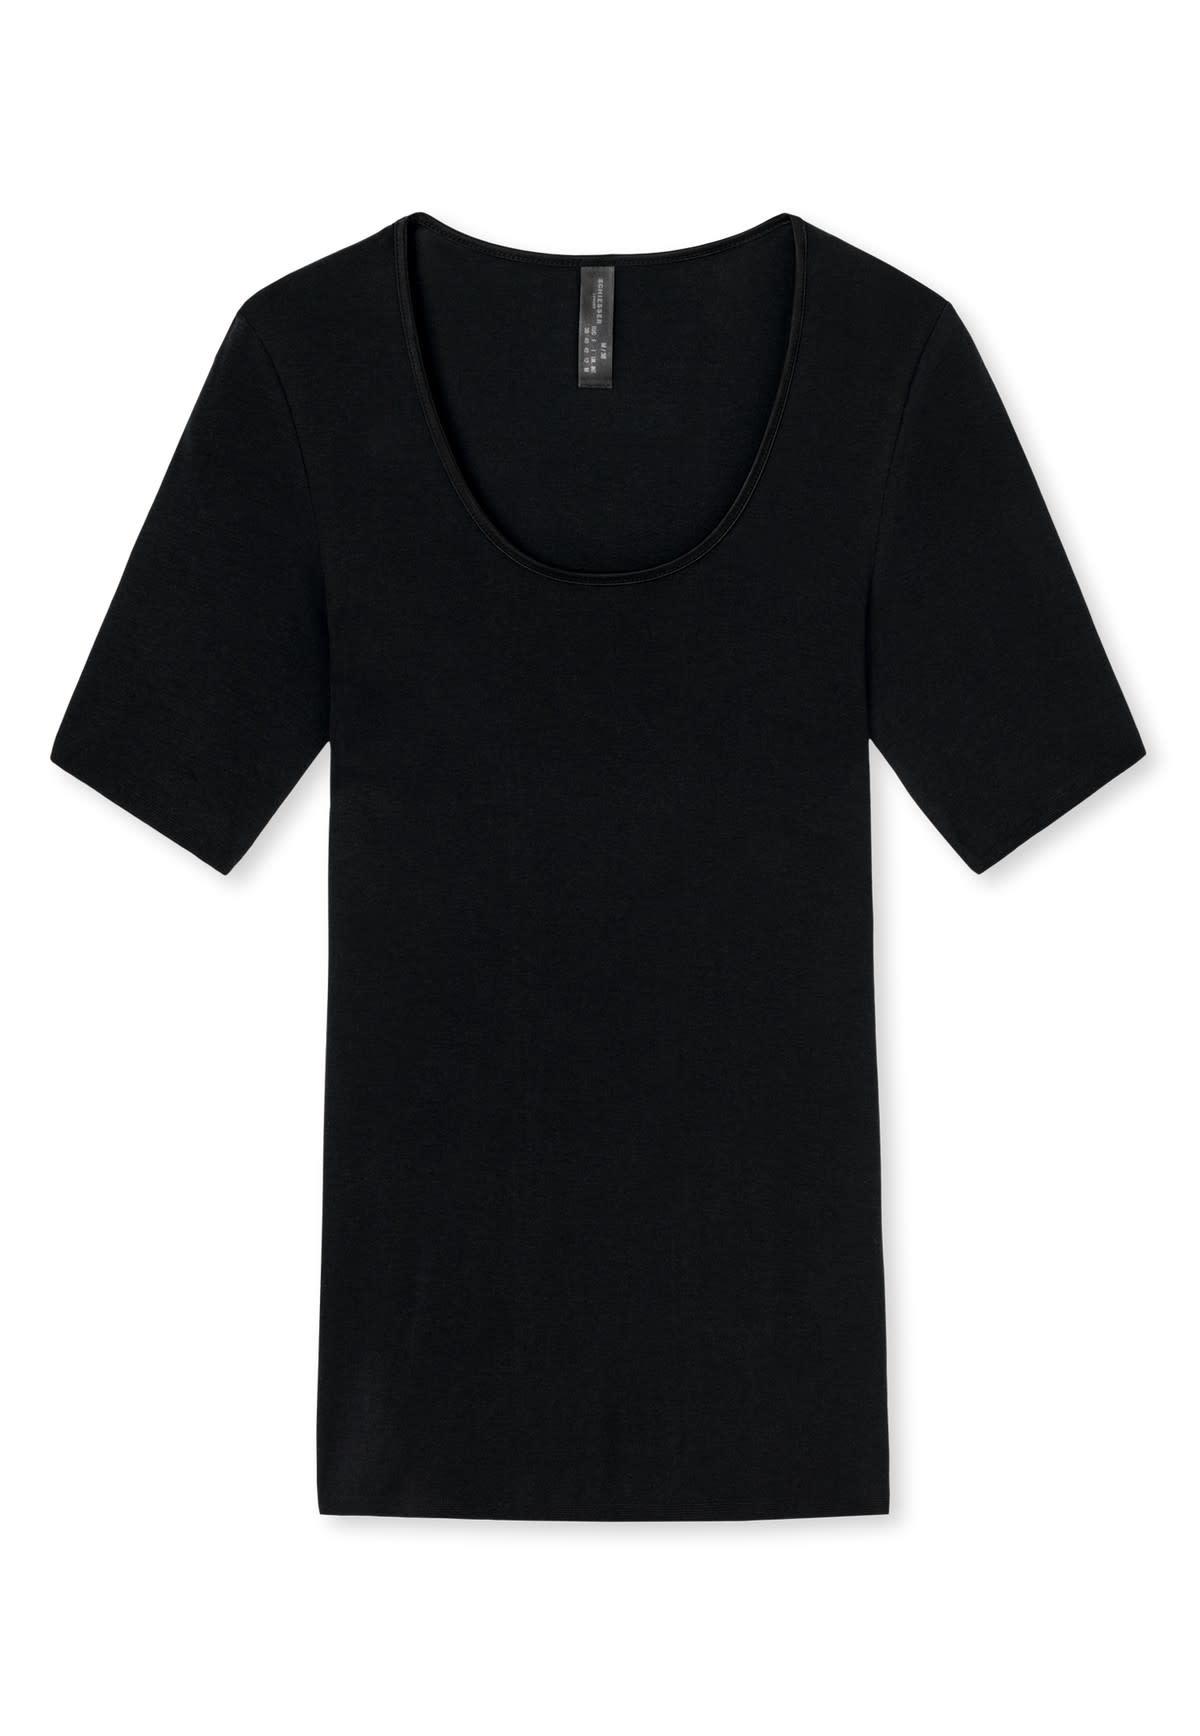 T-shirt Luxury 200764 - zwart-3